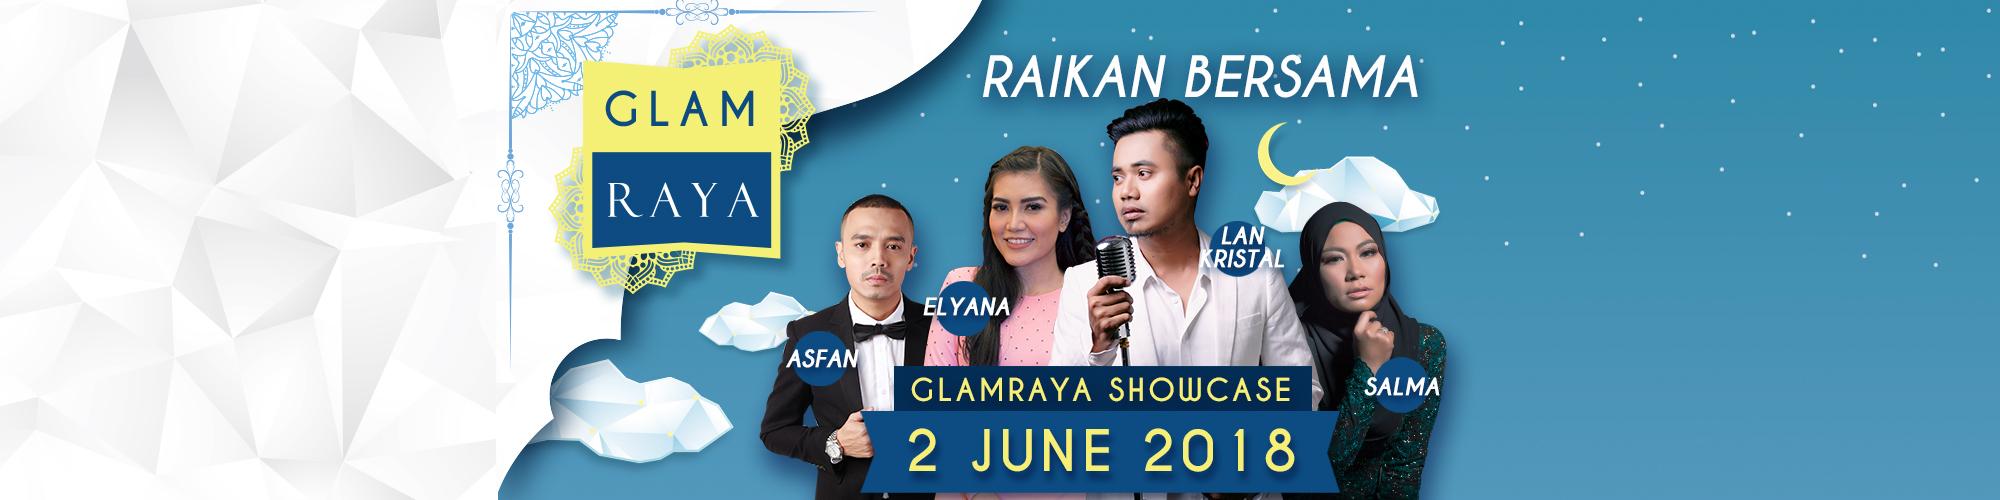 glamraya18_slider_showcase